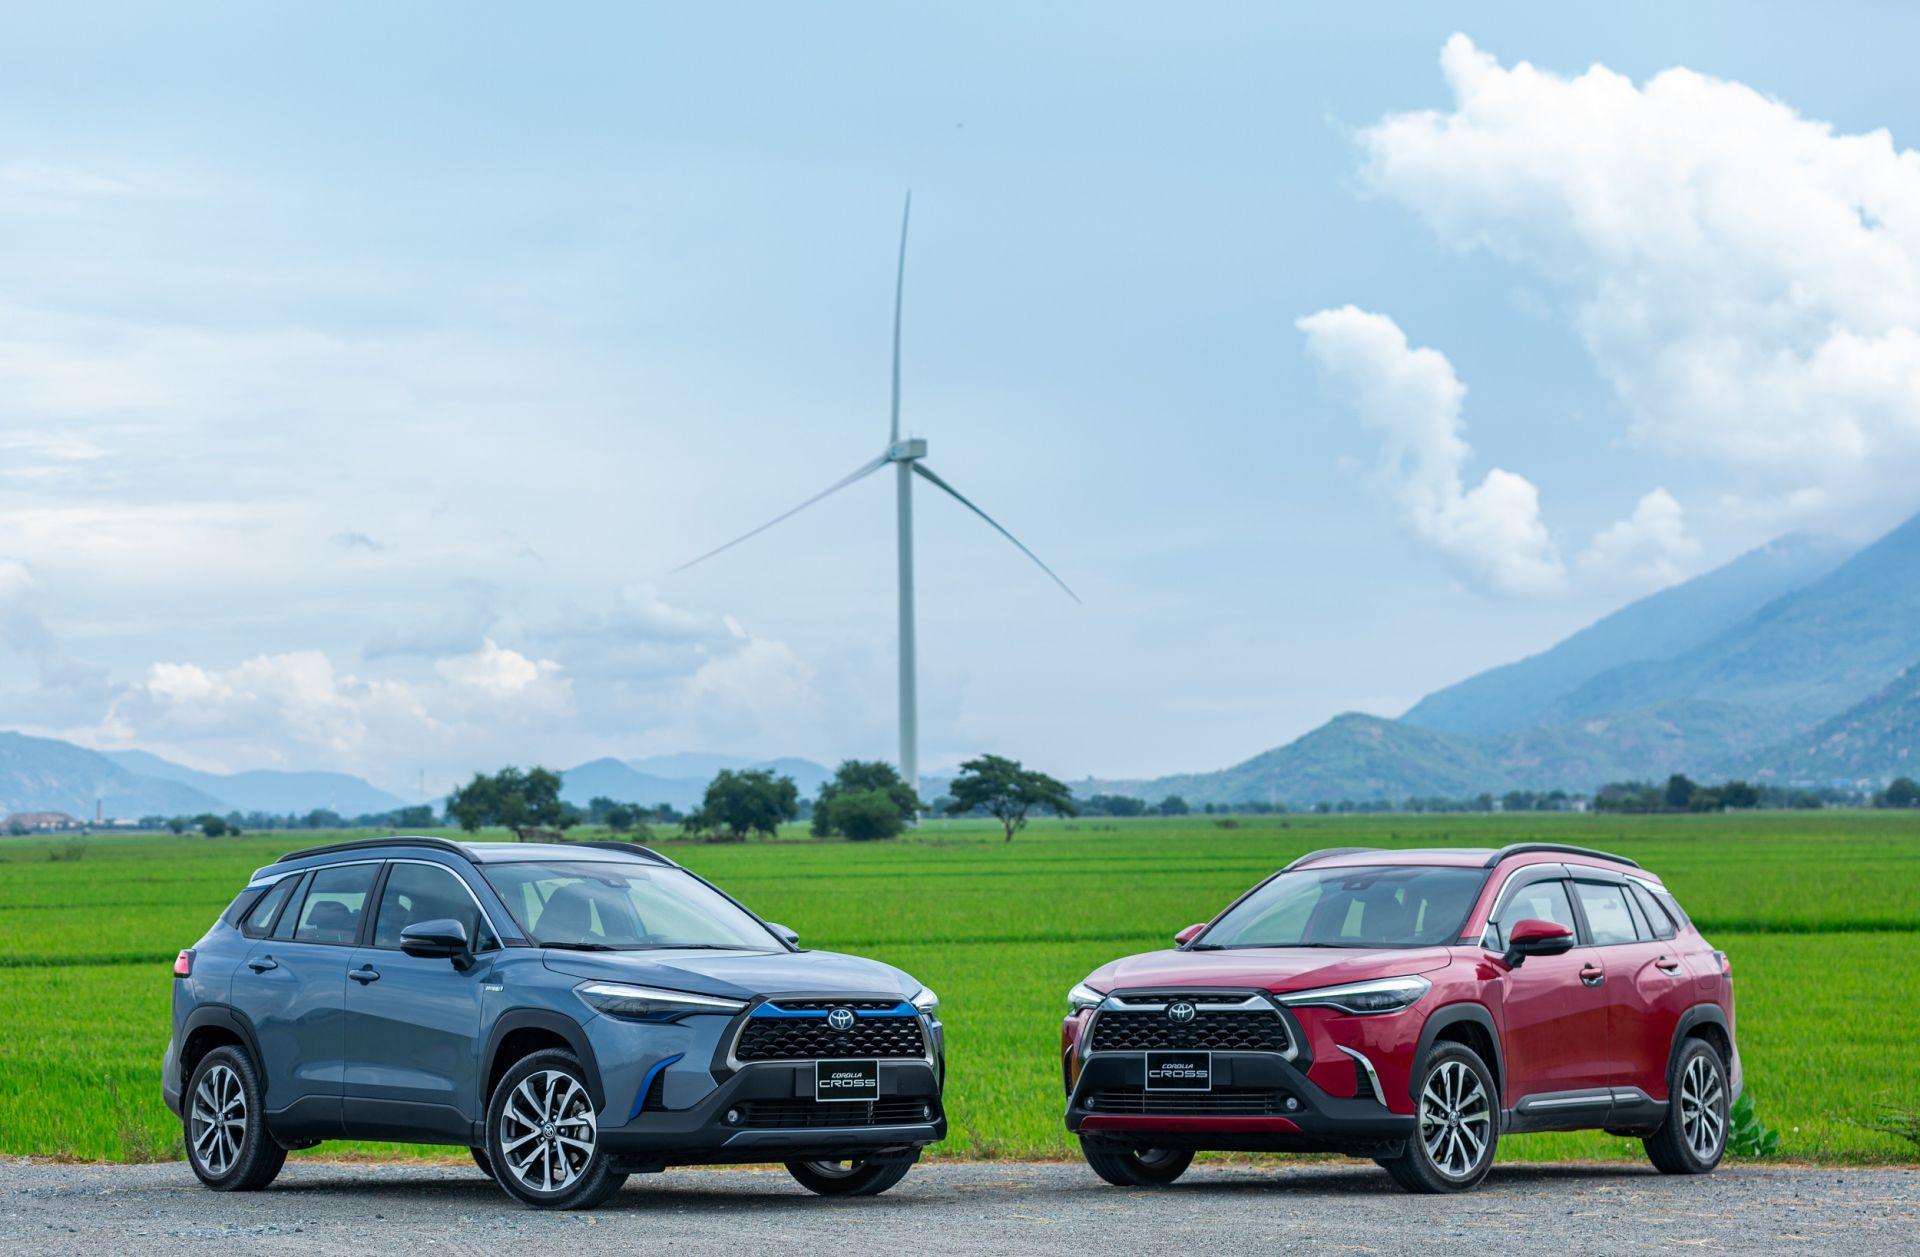 Toyota Việt Nam tiếp tục dẫn đầu thị trường trong năm 2020